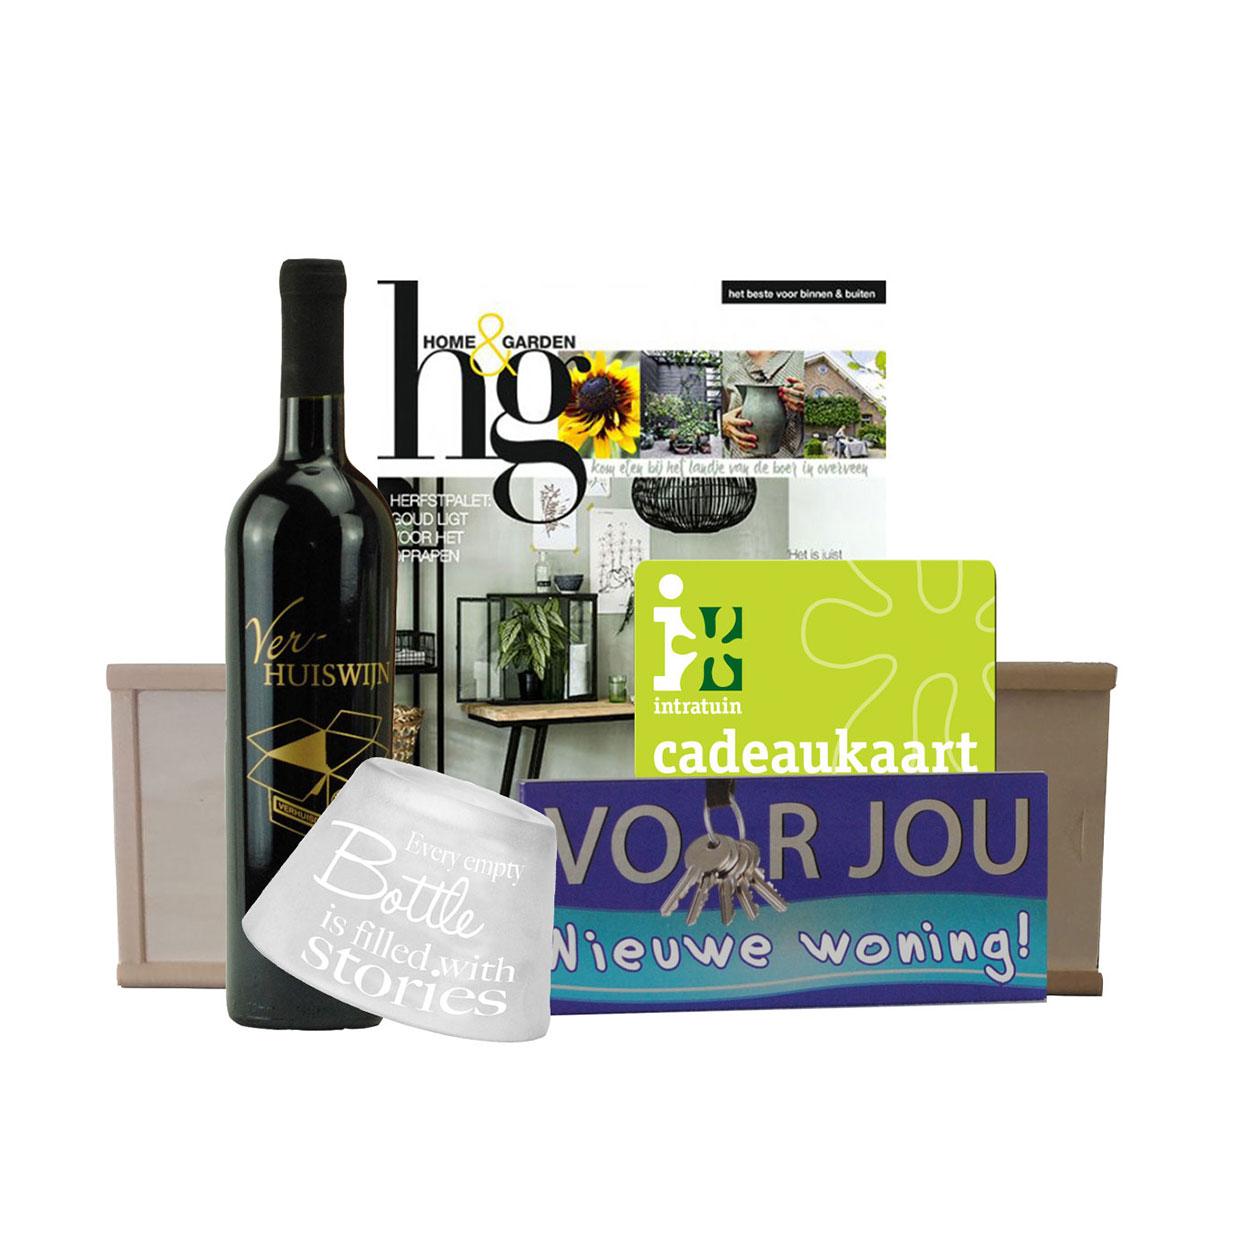 Intratuin Cadeaukaart 15 Euro Homegarden Pakket